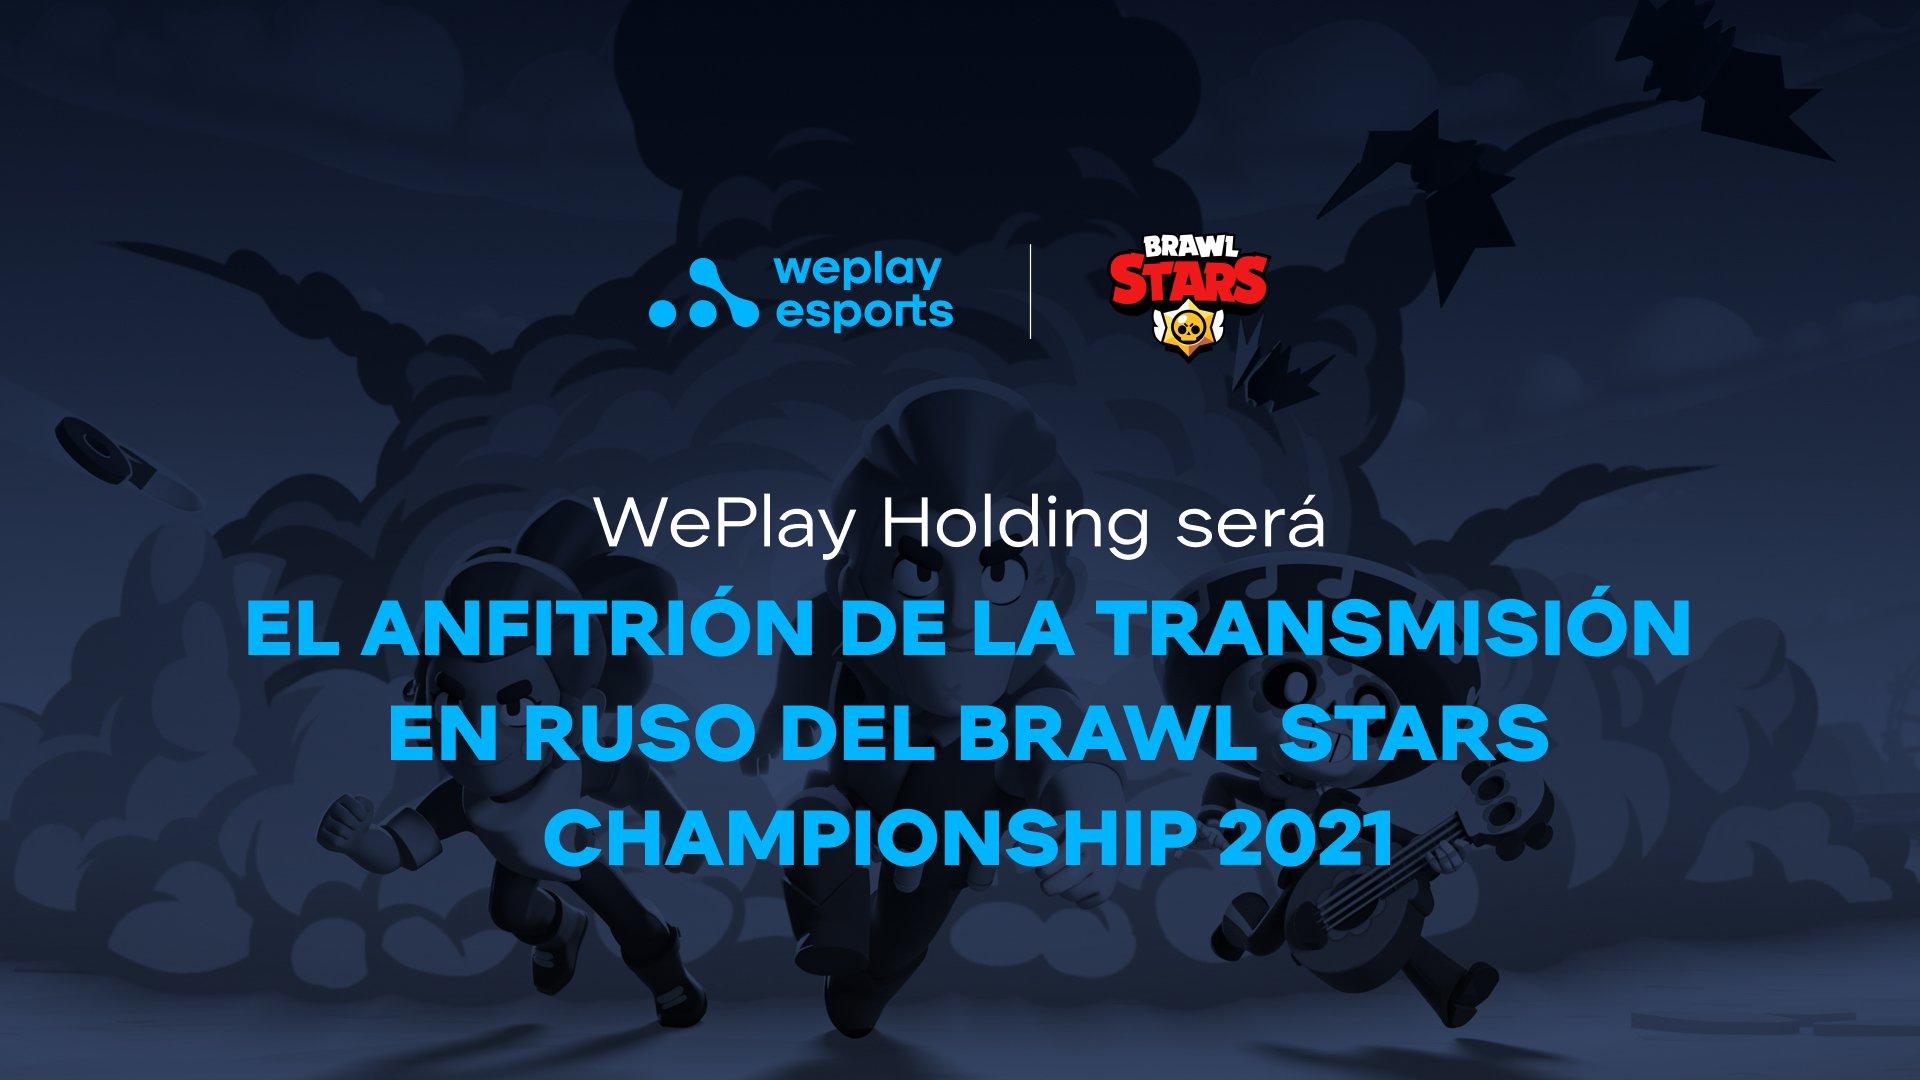 WePlay Holding será el anfitrión de la transmisión en ruso de los torneos de Brawl Stars celebrados por Supercell. Imagen: WePlay Holding